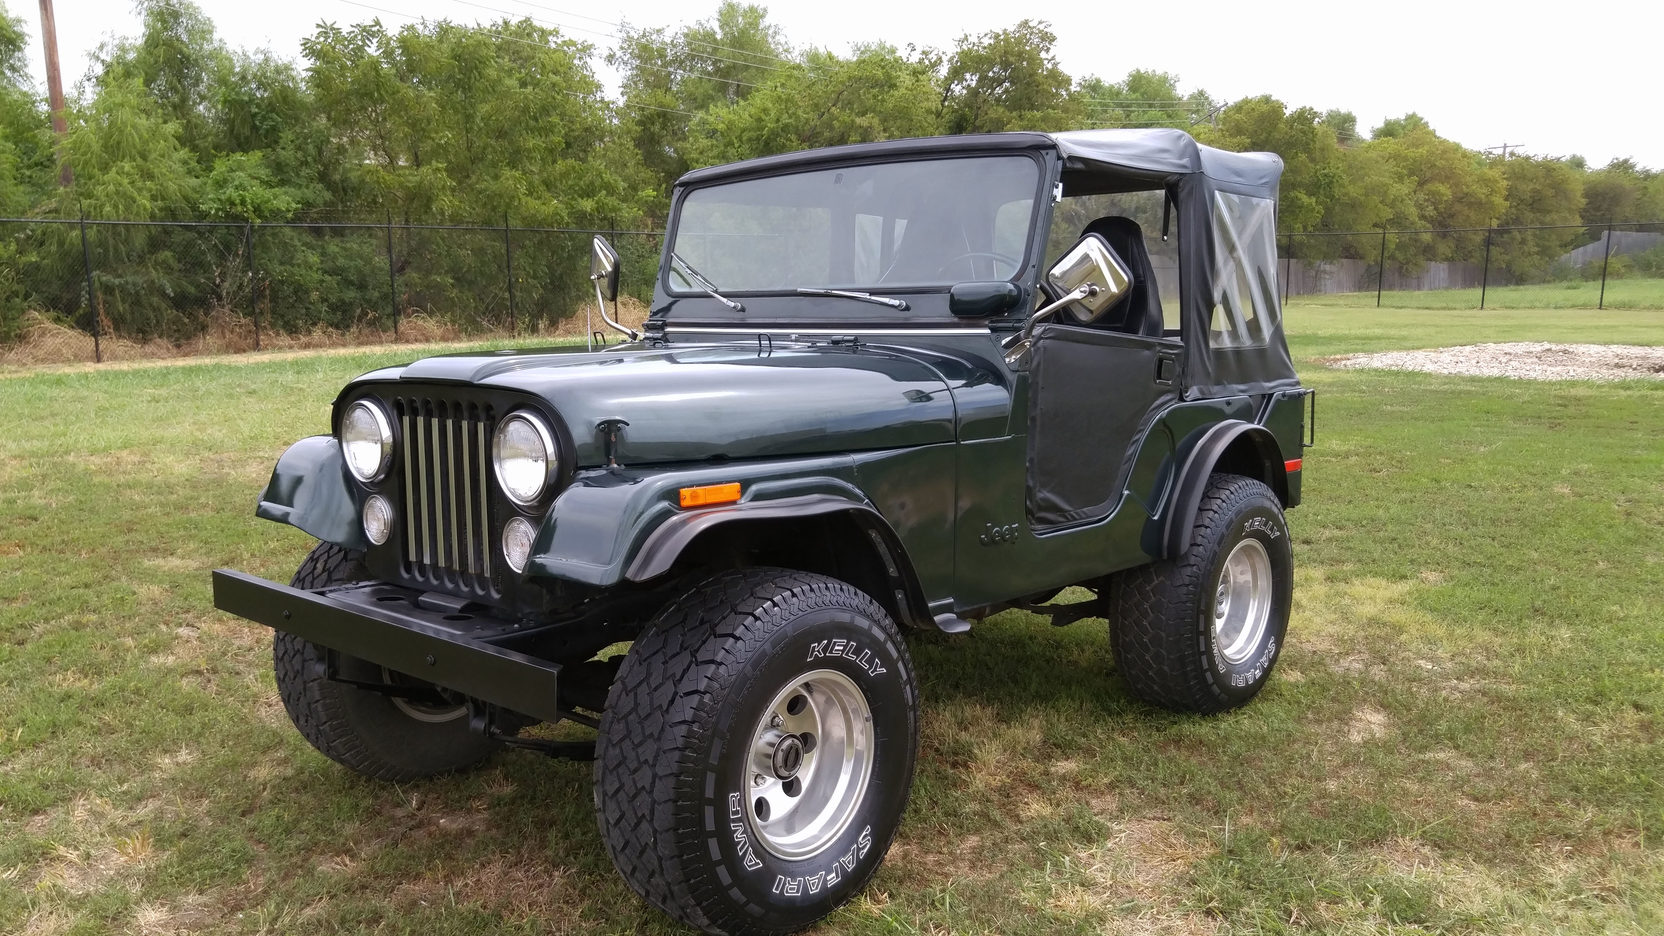 hight resolution of 1975 jeep cj 5 1 full screen